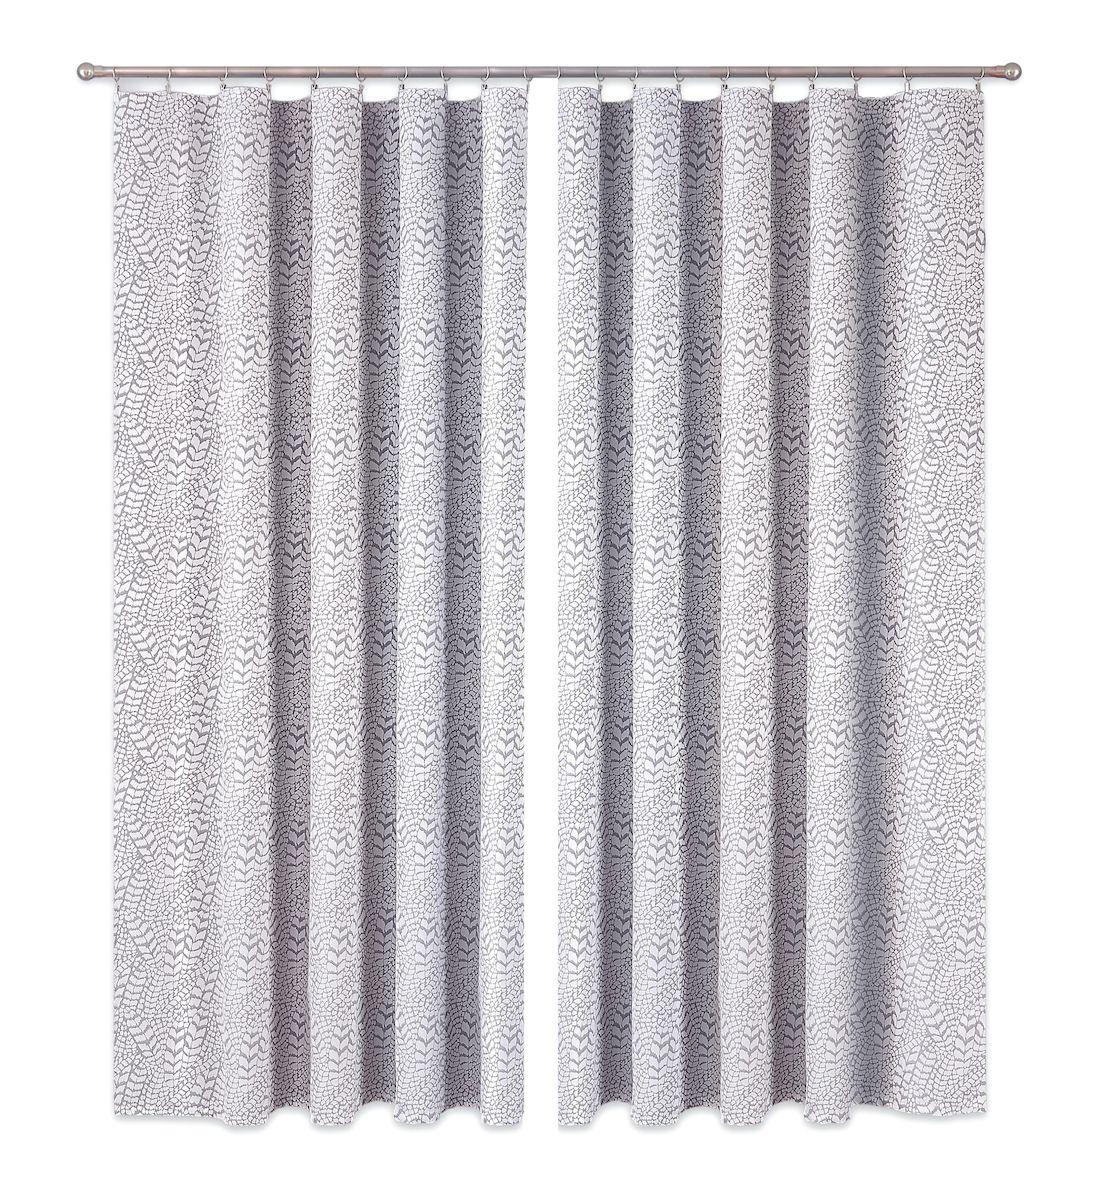 Комплект штор P Primavera Firany, цвет: серый, высота 250 см. 11100081110008Комплект штор из полиэстровой жаккардовой ткани с пришитой шторной лентой. Размер - ширина 180 см высота 250см. Набор 2 штуки. Цвет серый. Размер: ширина 180 х высота 250